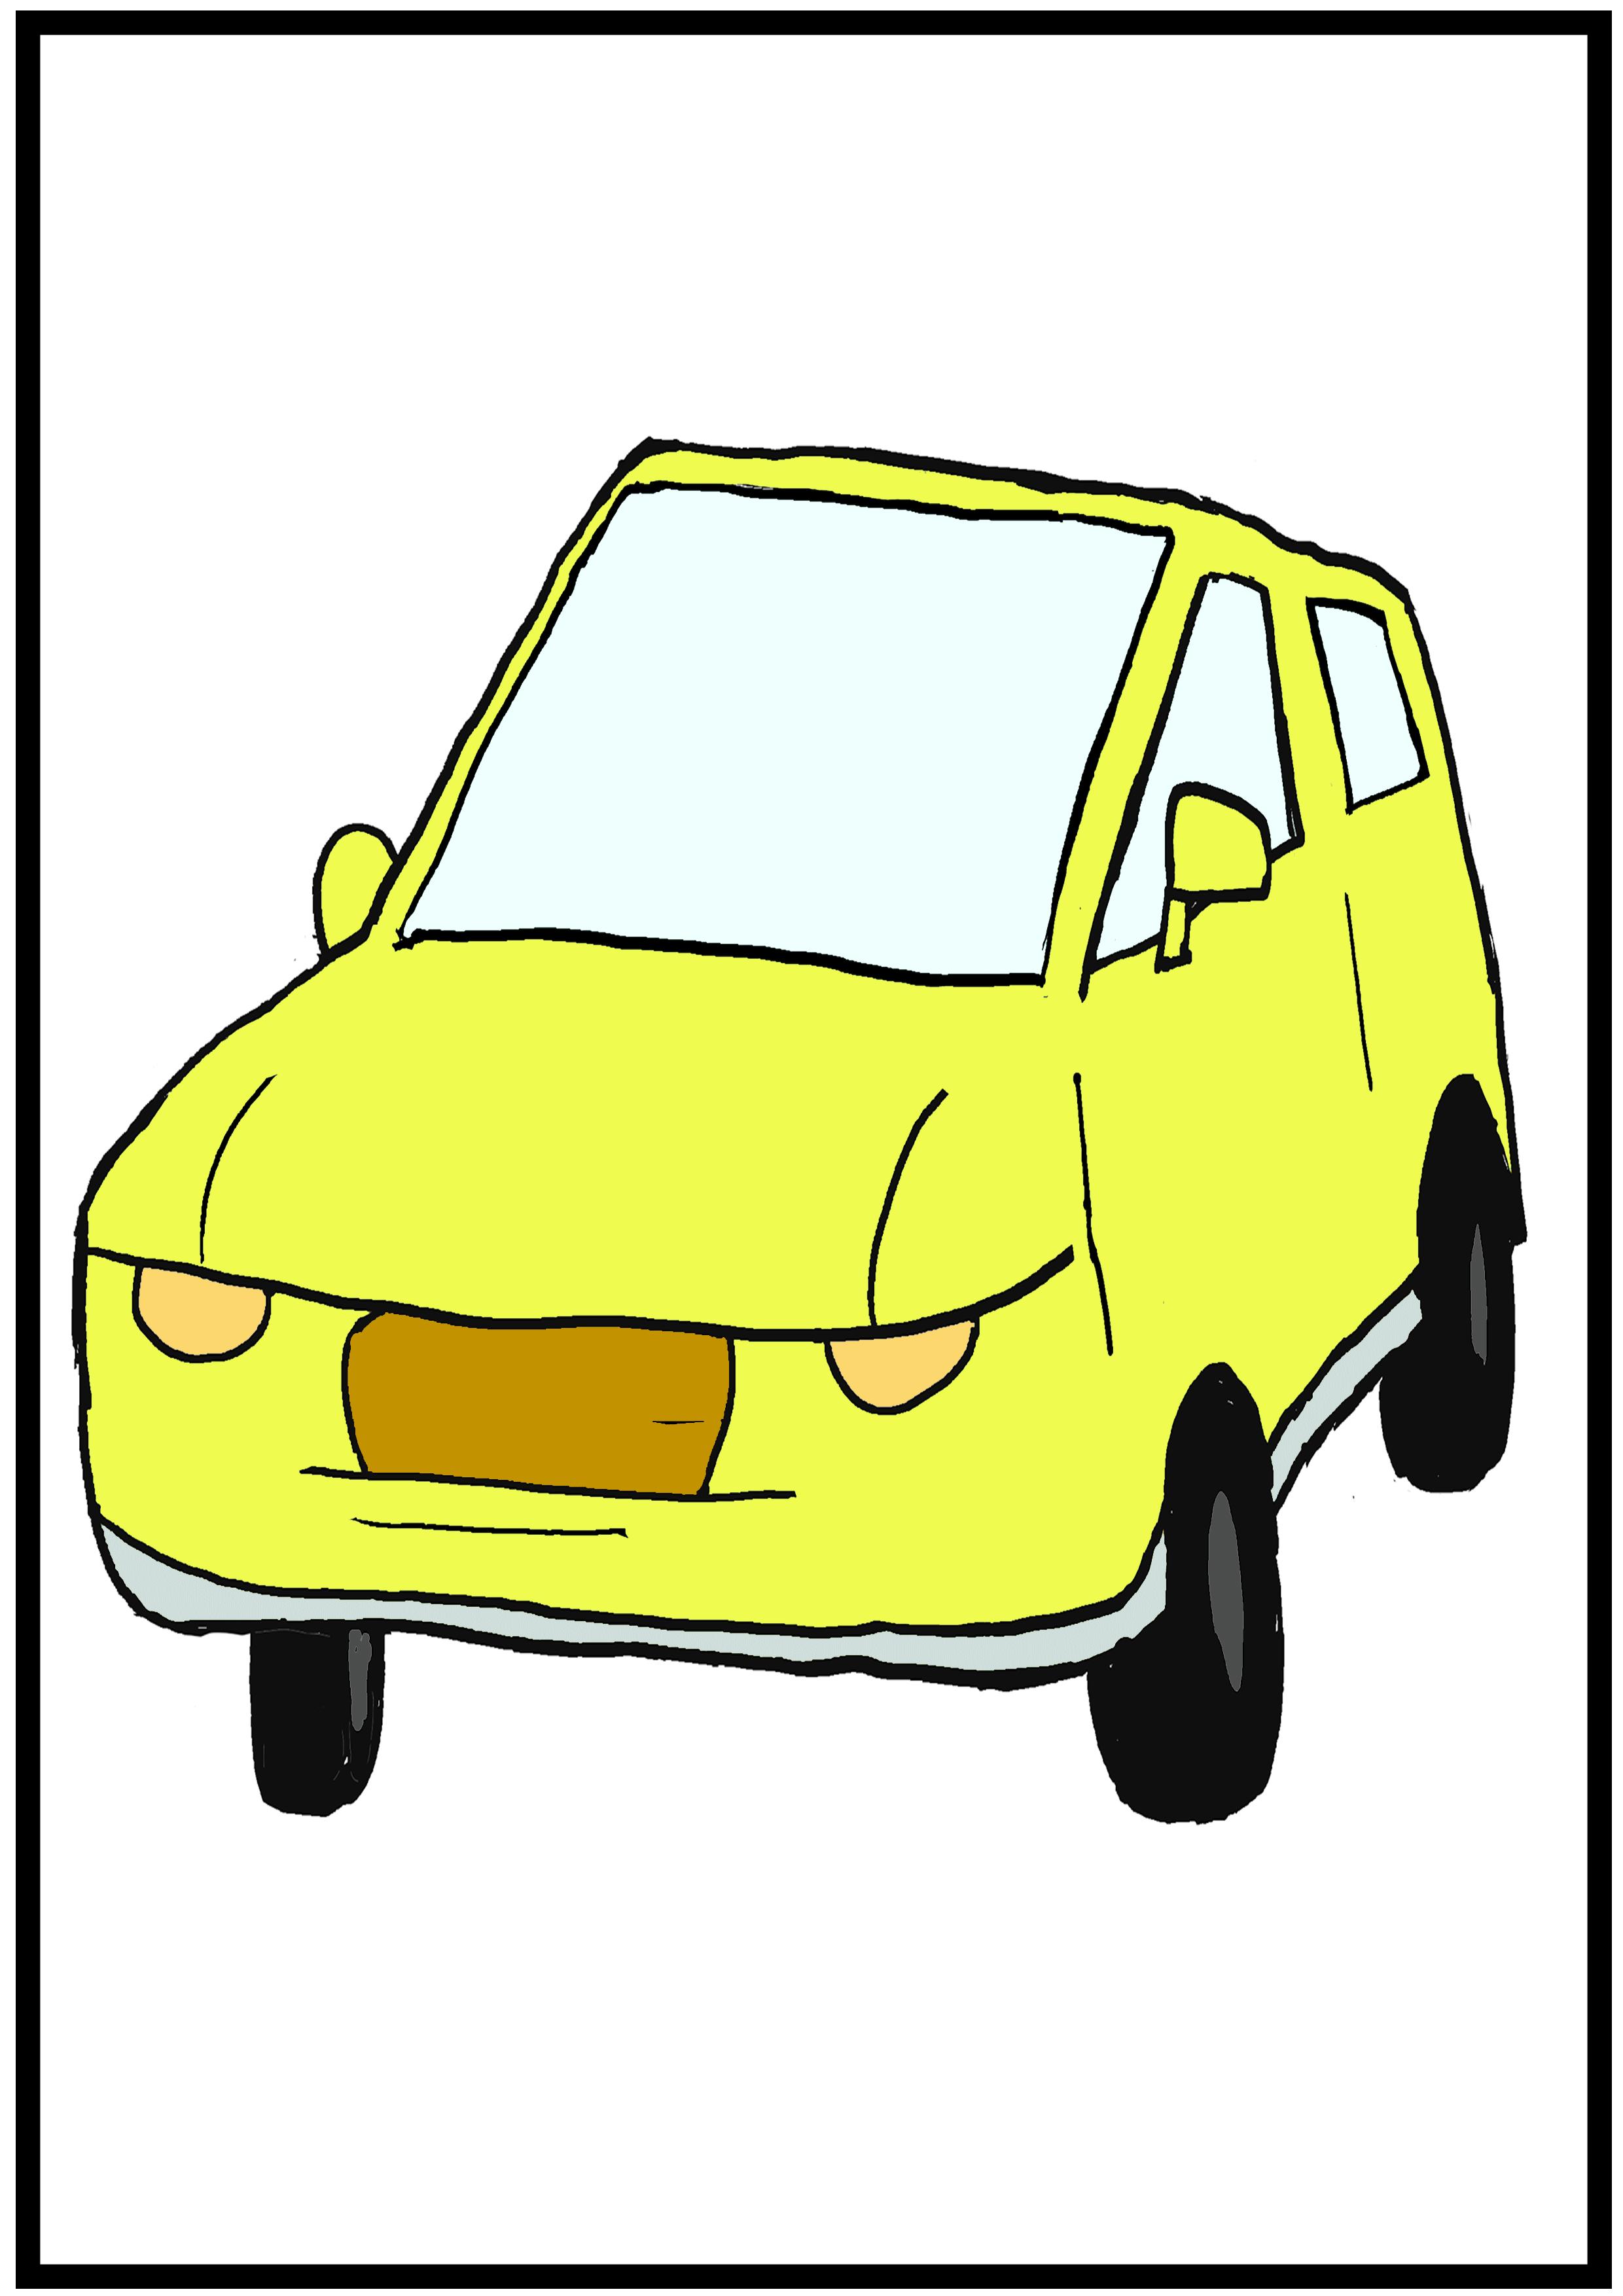 イラスト【車】